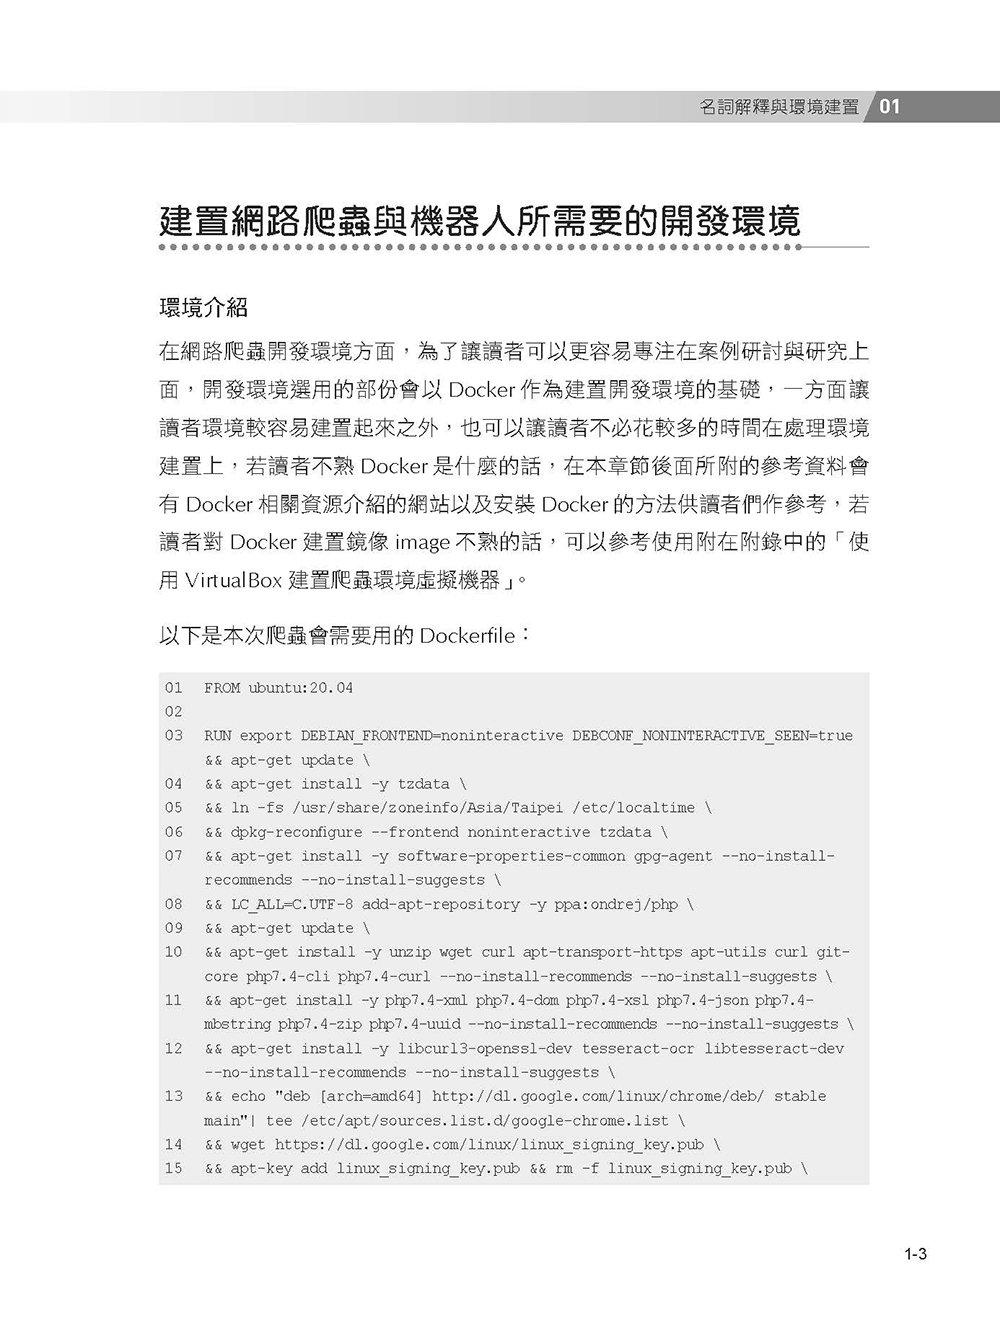 PHP 網路爬蟲開發:入門到進階的爬蟲技術指南(iT邦幫忙鐵人賽系列書)-preview-5